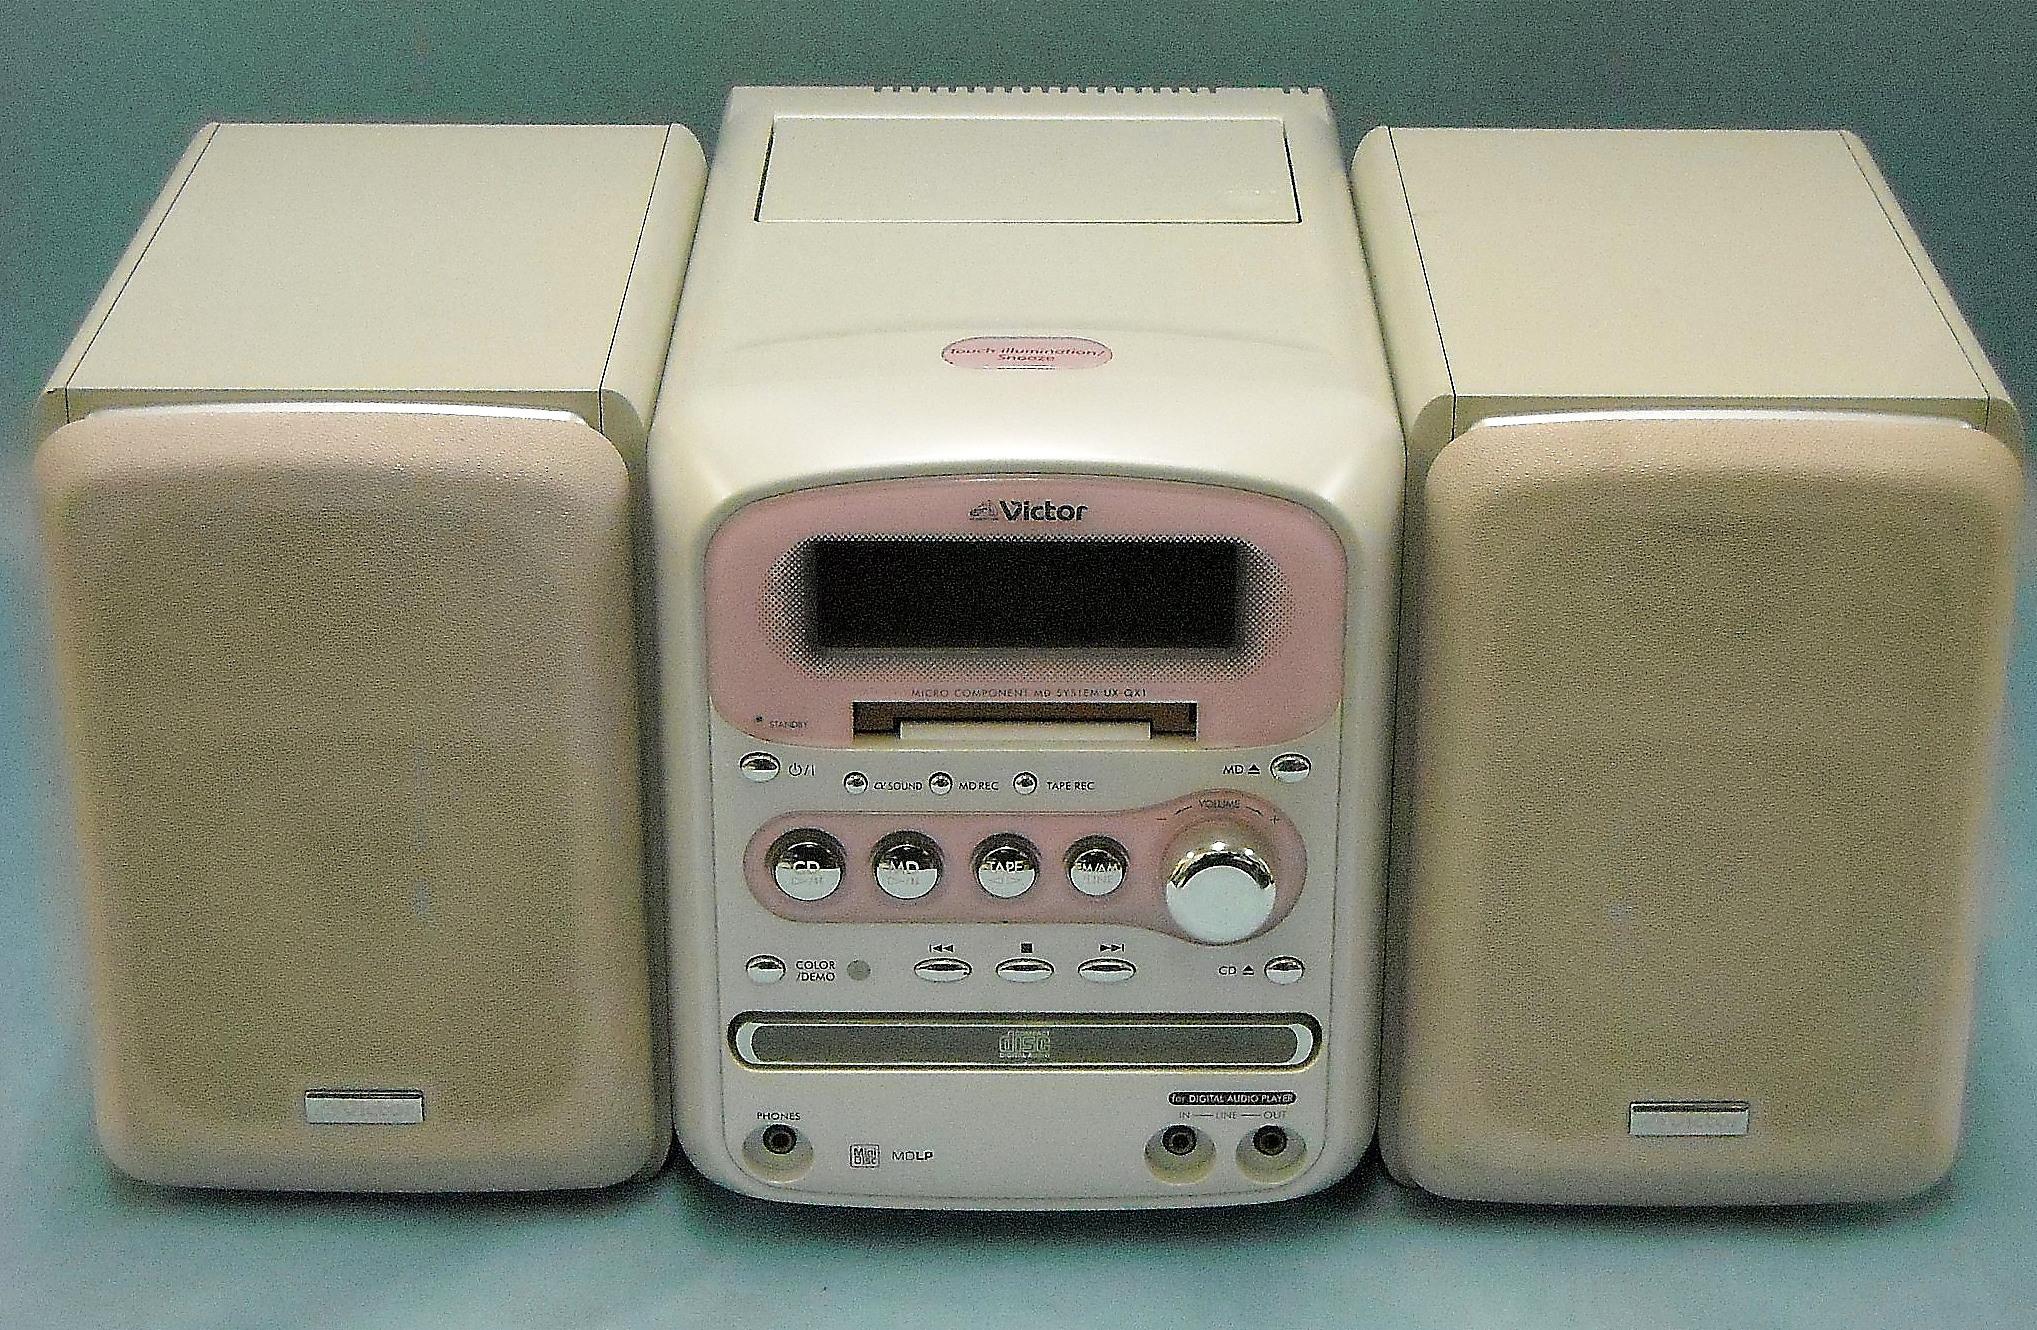 Victor ミニコンポ UX-QX1